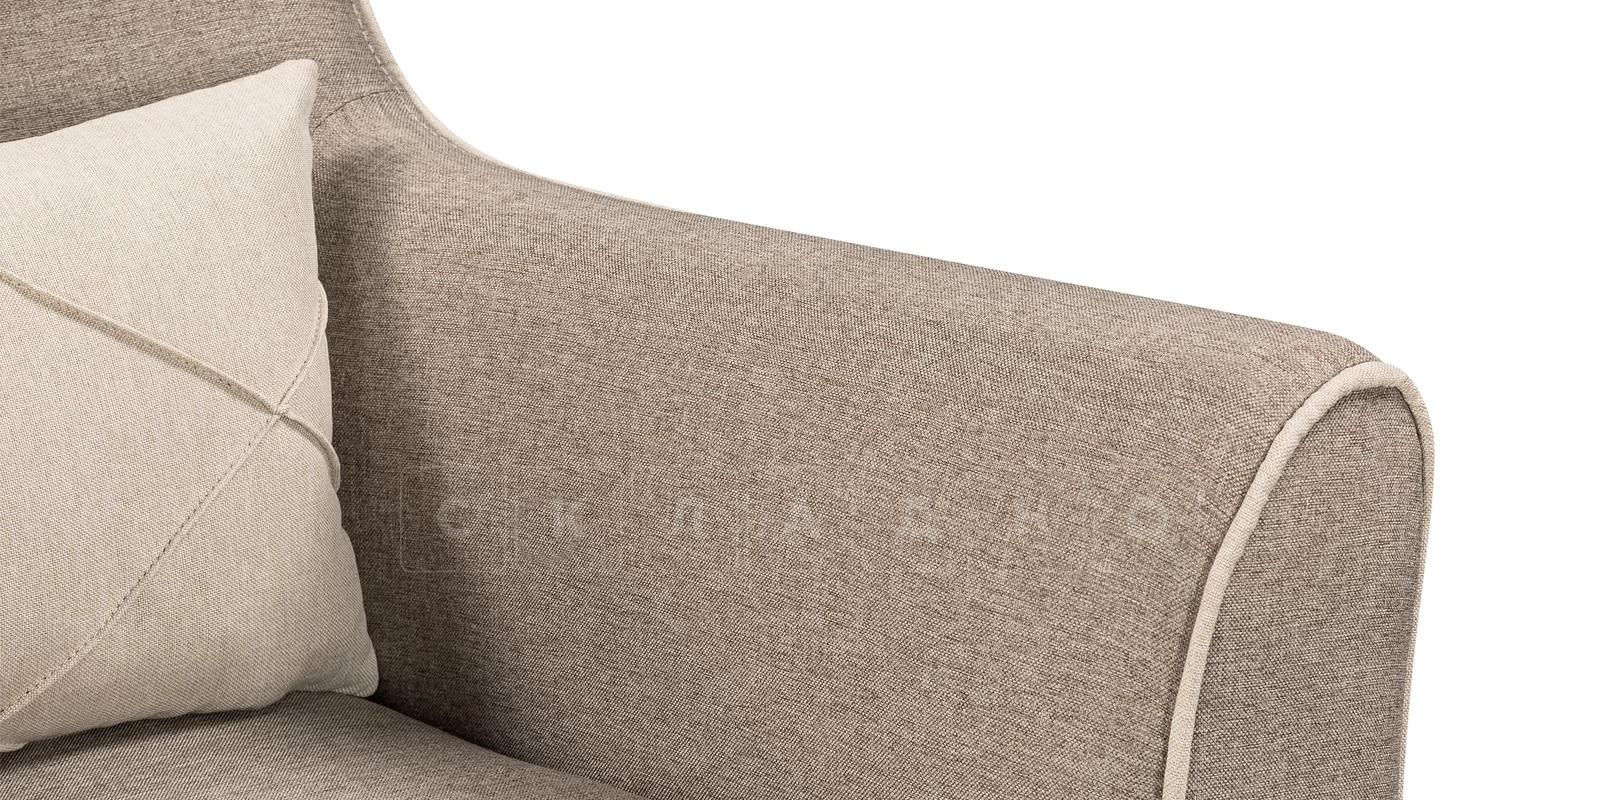 Кресло Флэтфорд рогожка серая фото 6 | интернет-магазин Складно